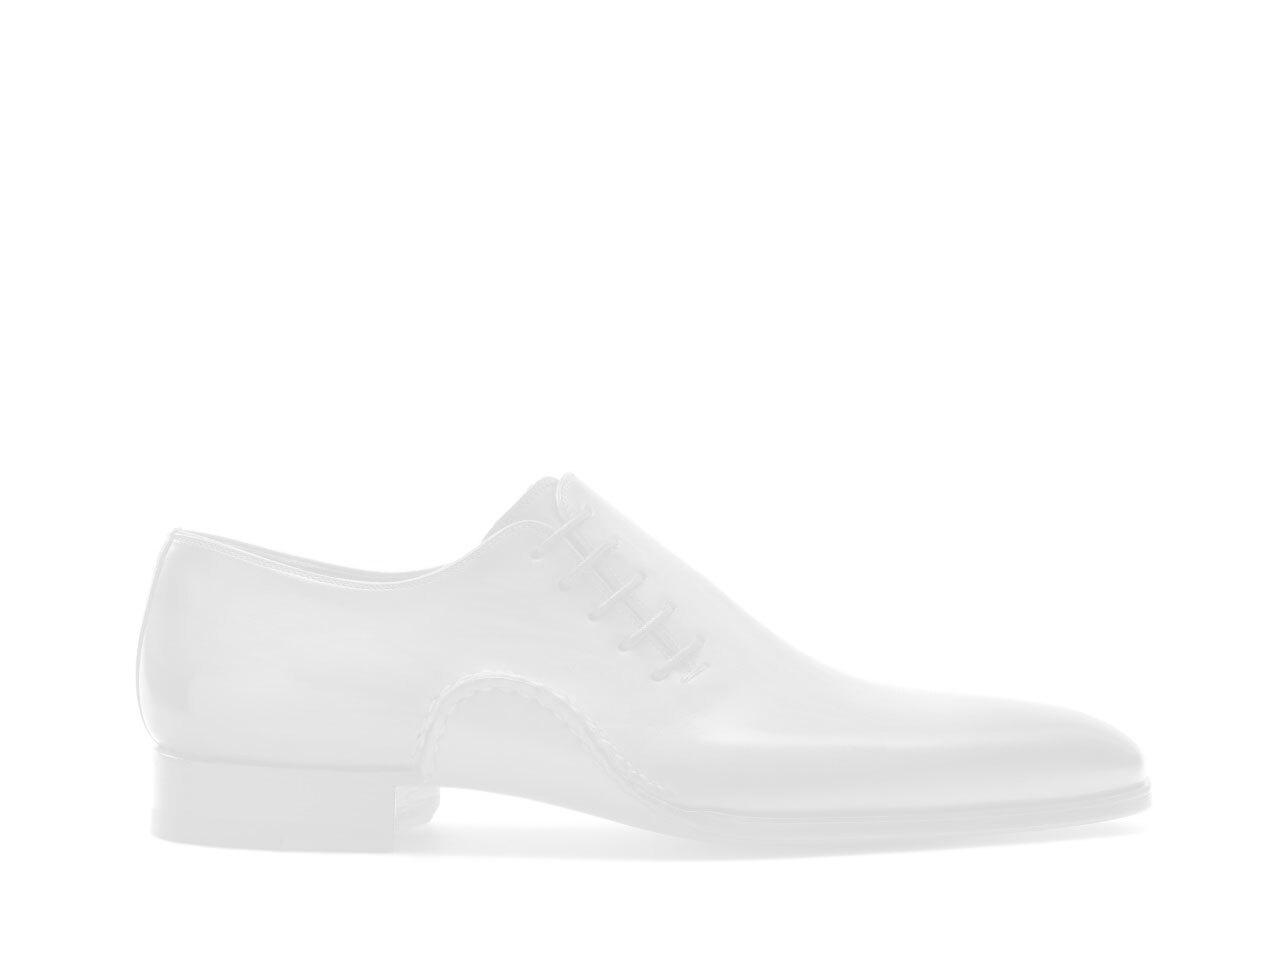 The Magnanni Essential Shoe Care Kit | Cognac / Cuero